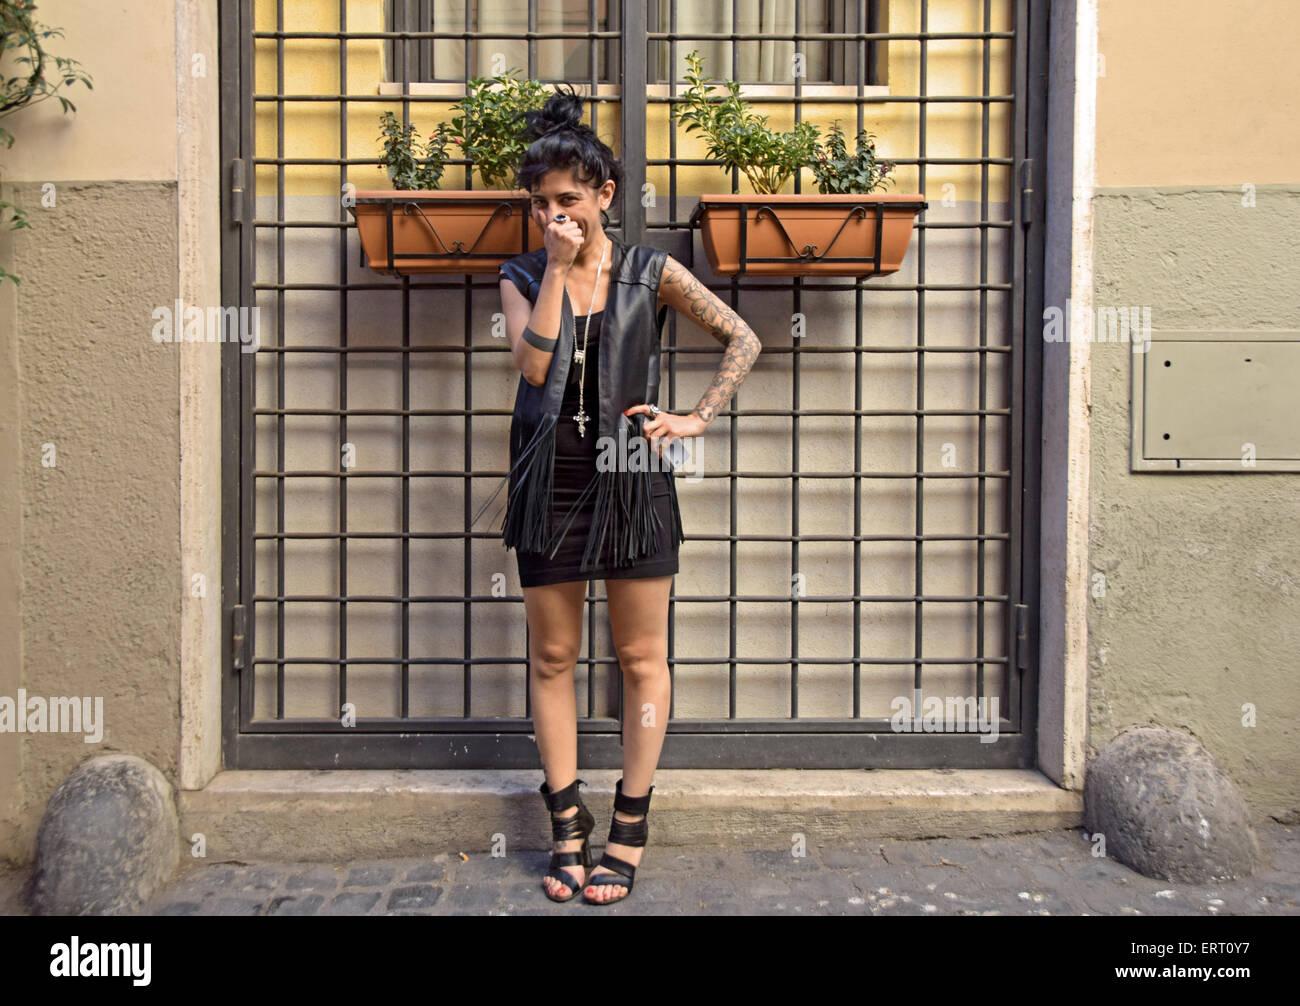 Poste ritratto di un italiano di estetista con tatuaggi a Roma, Italia Immagini Stock